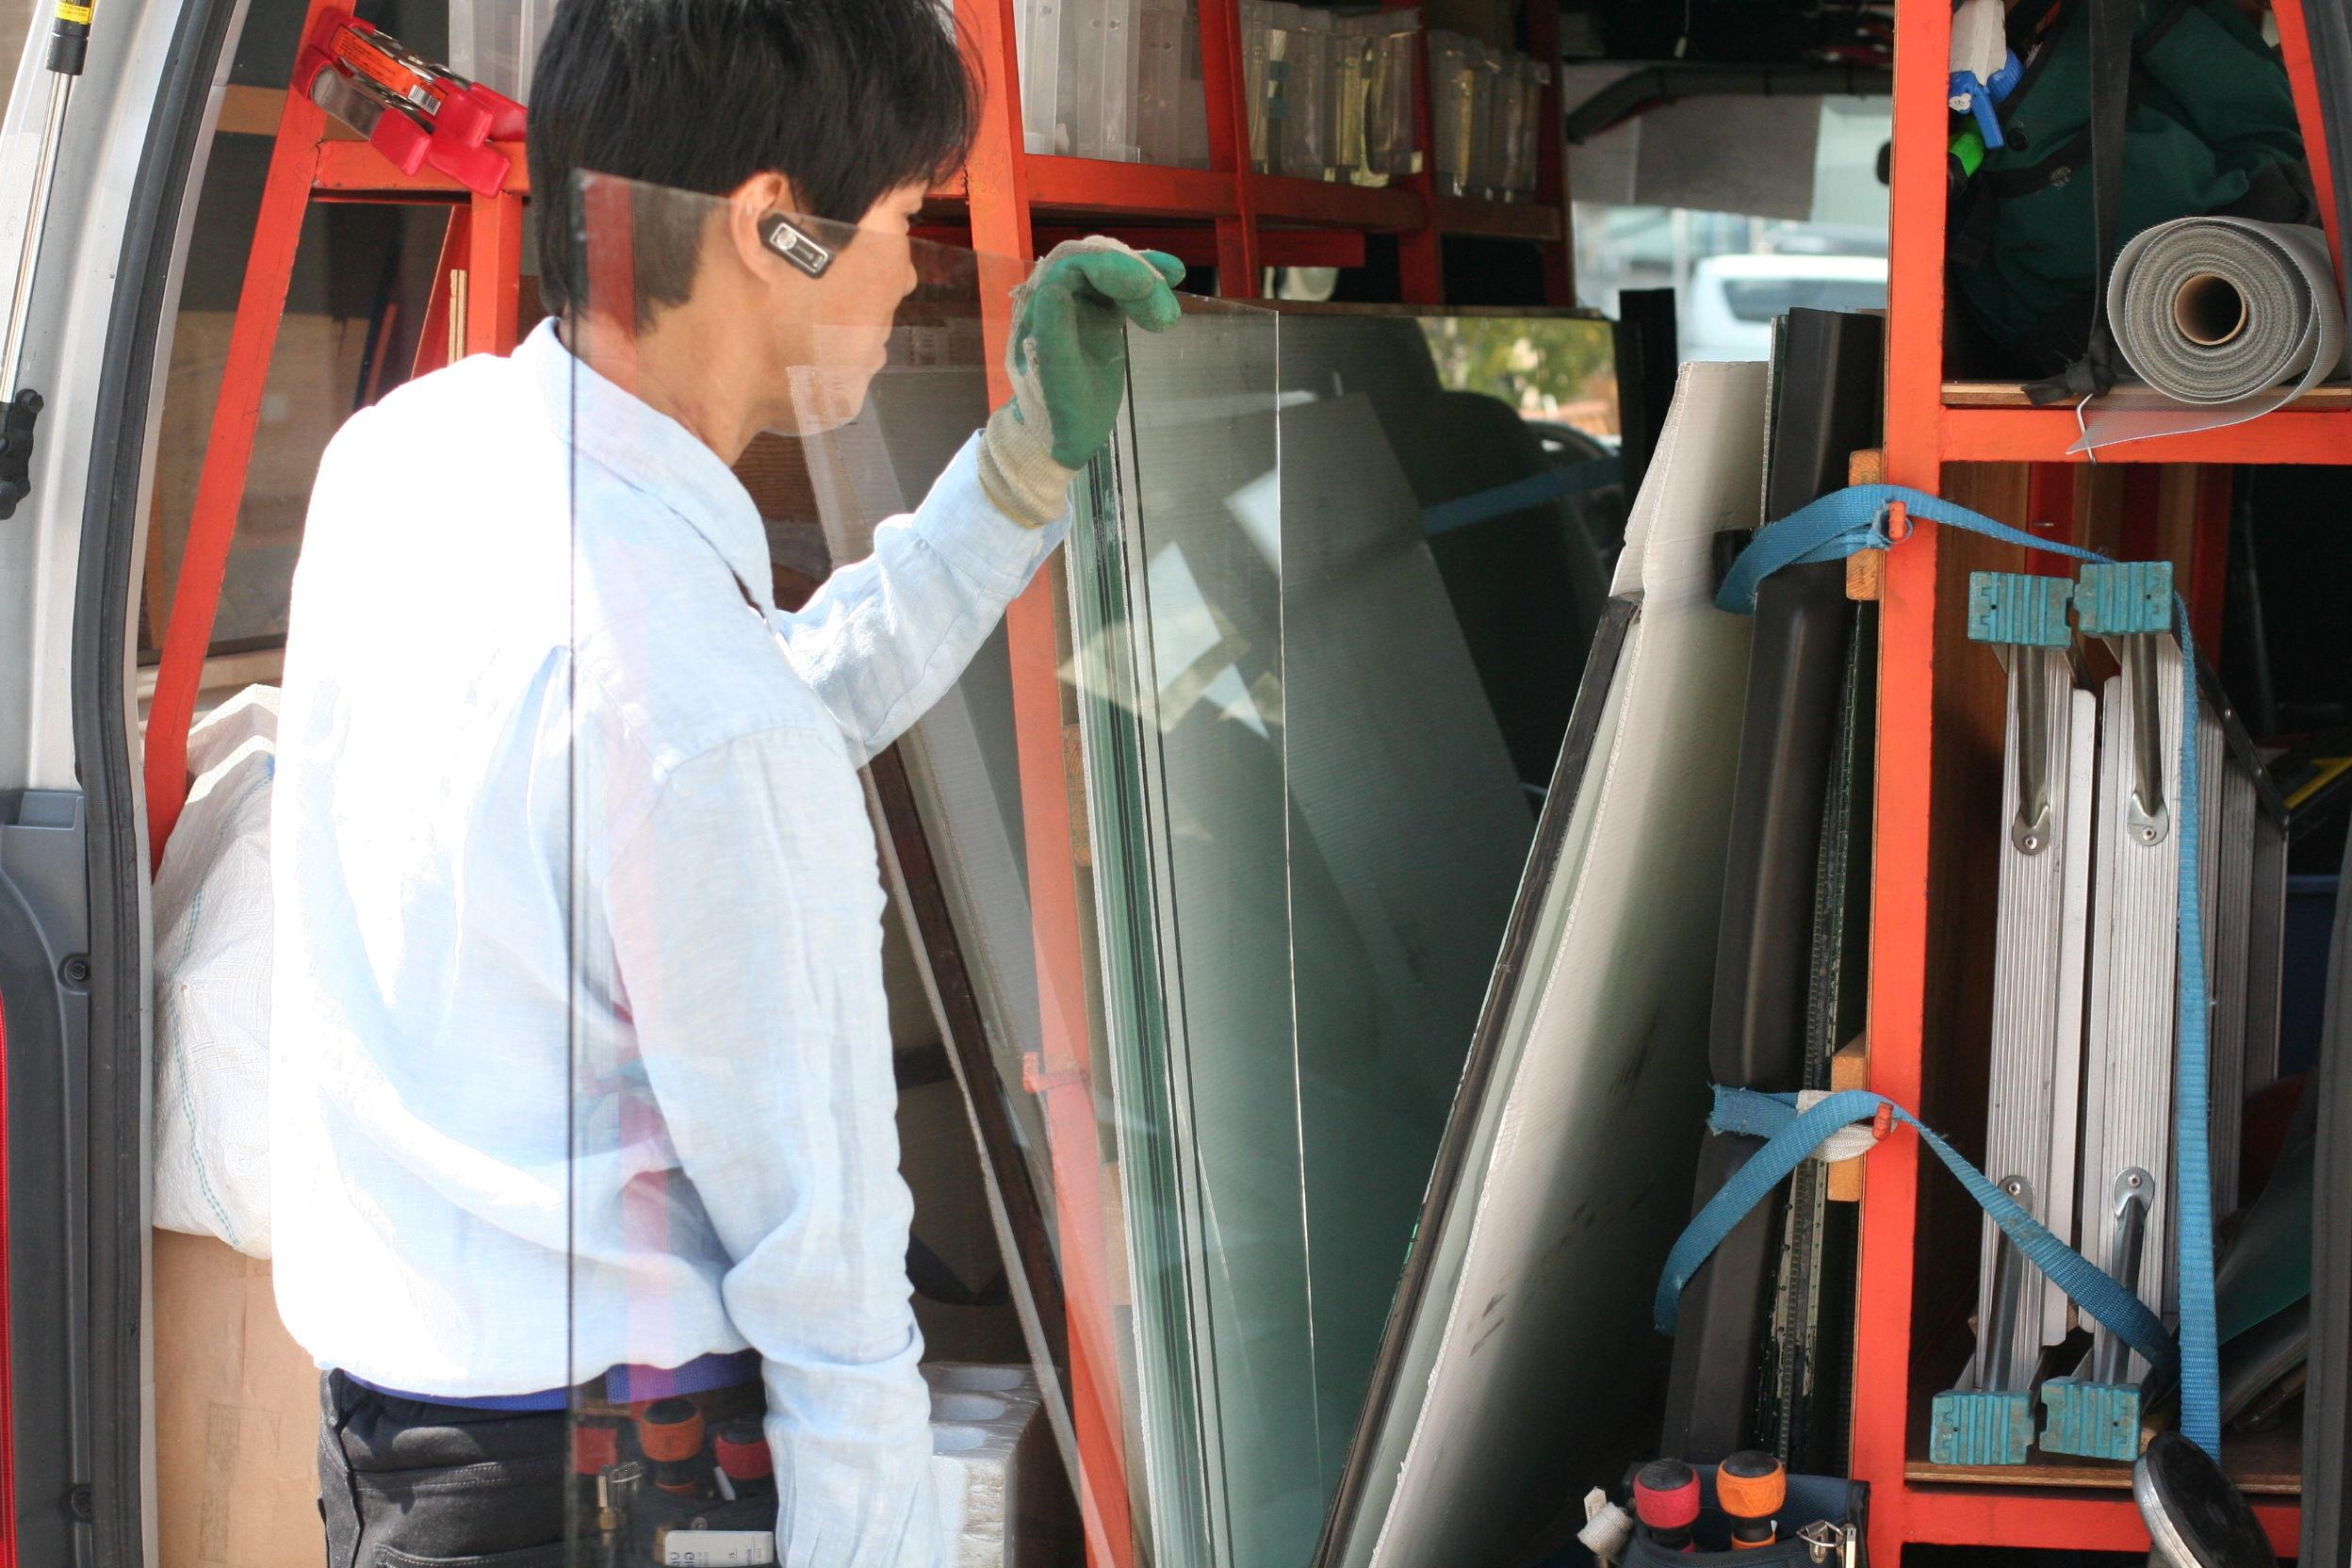 ガラスのトラブル救Q隊.24【名古屋市中川区 出張エリア】のメイン画像